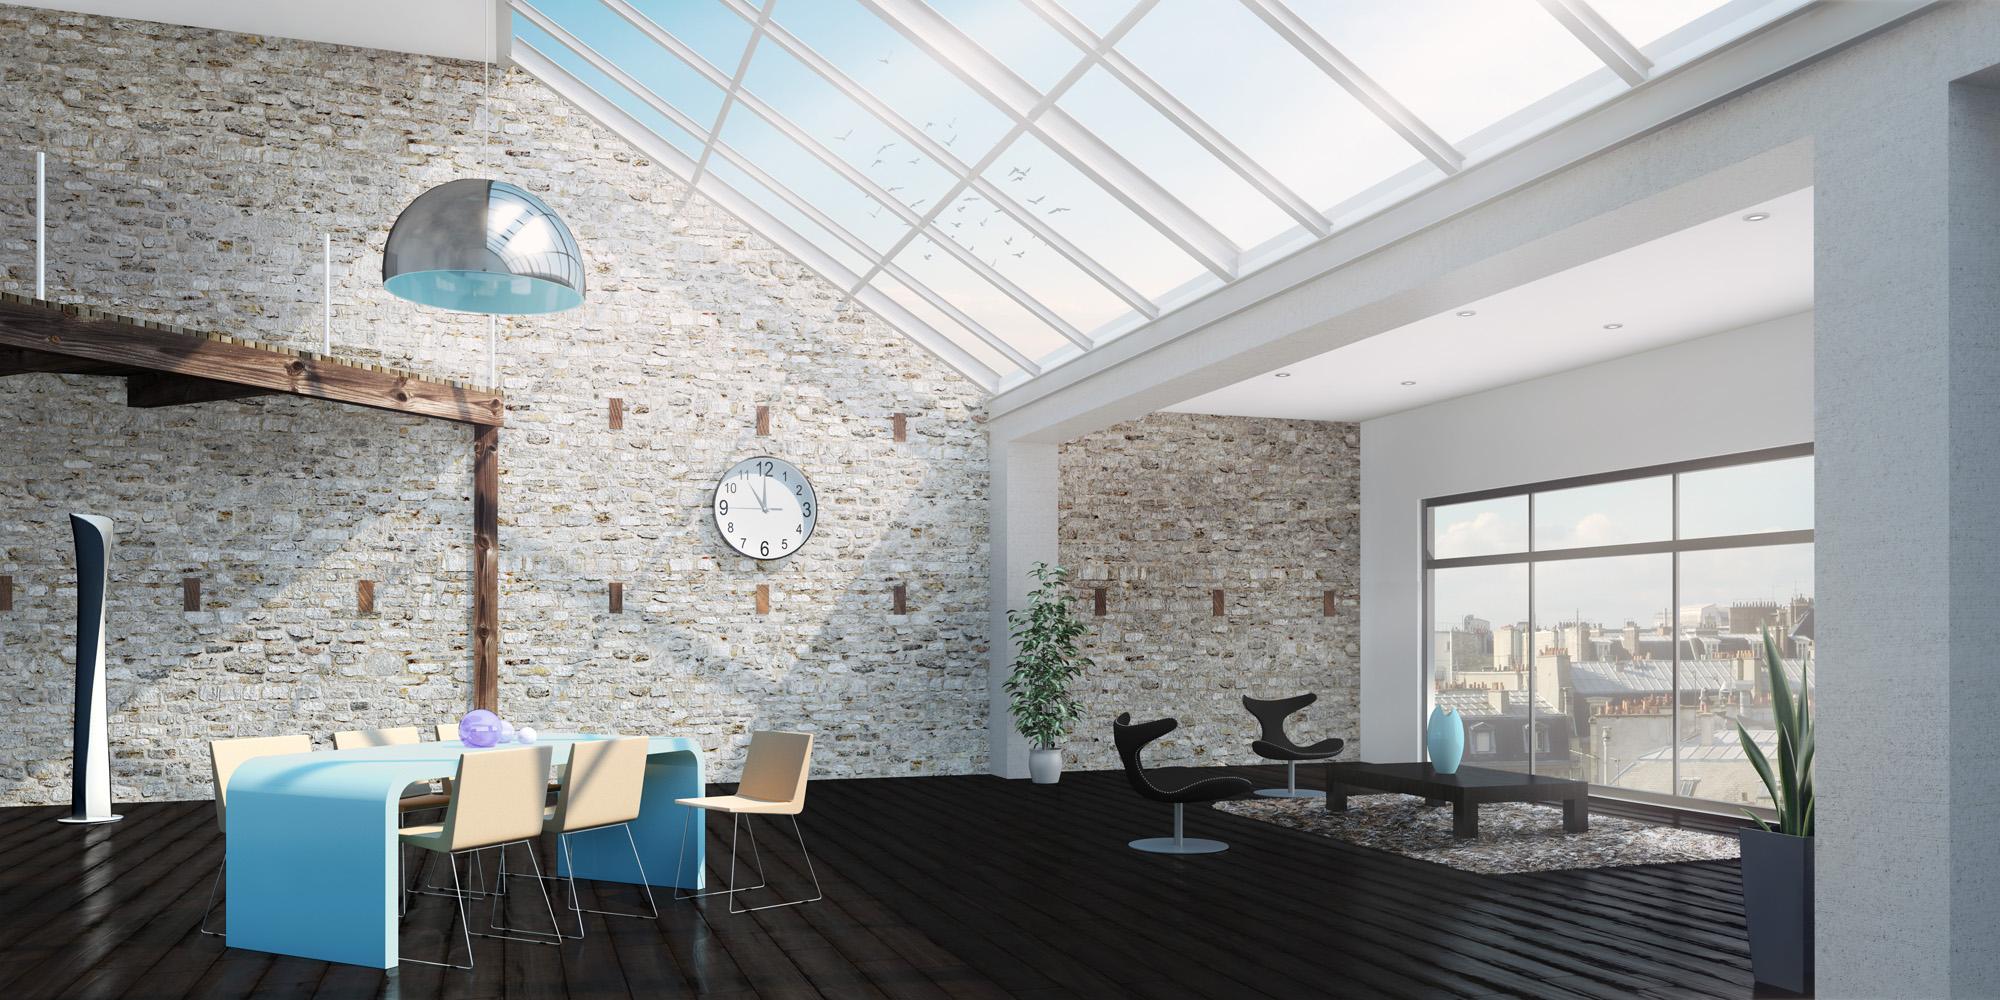 Meuble design, agencement d'intérieur et décoration - Esprit Loft